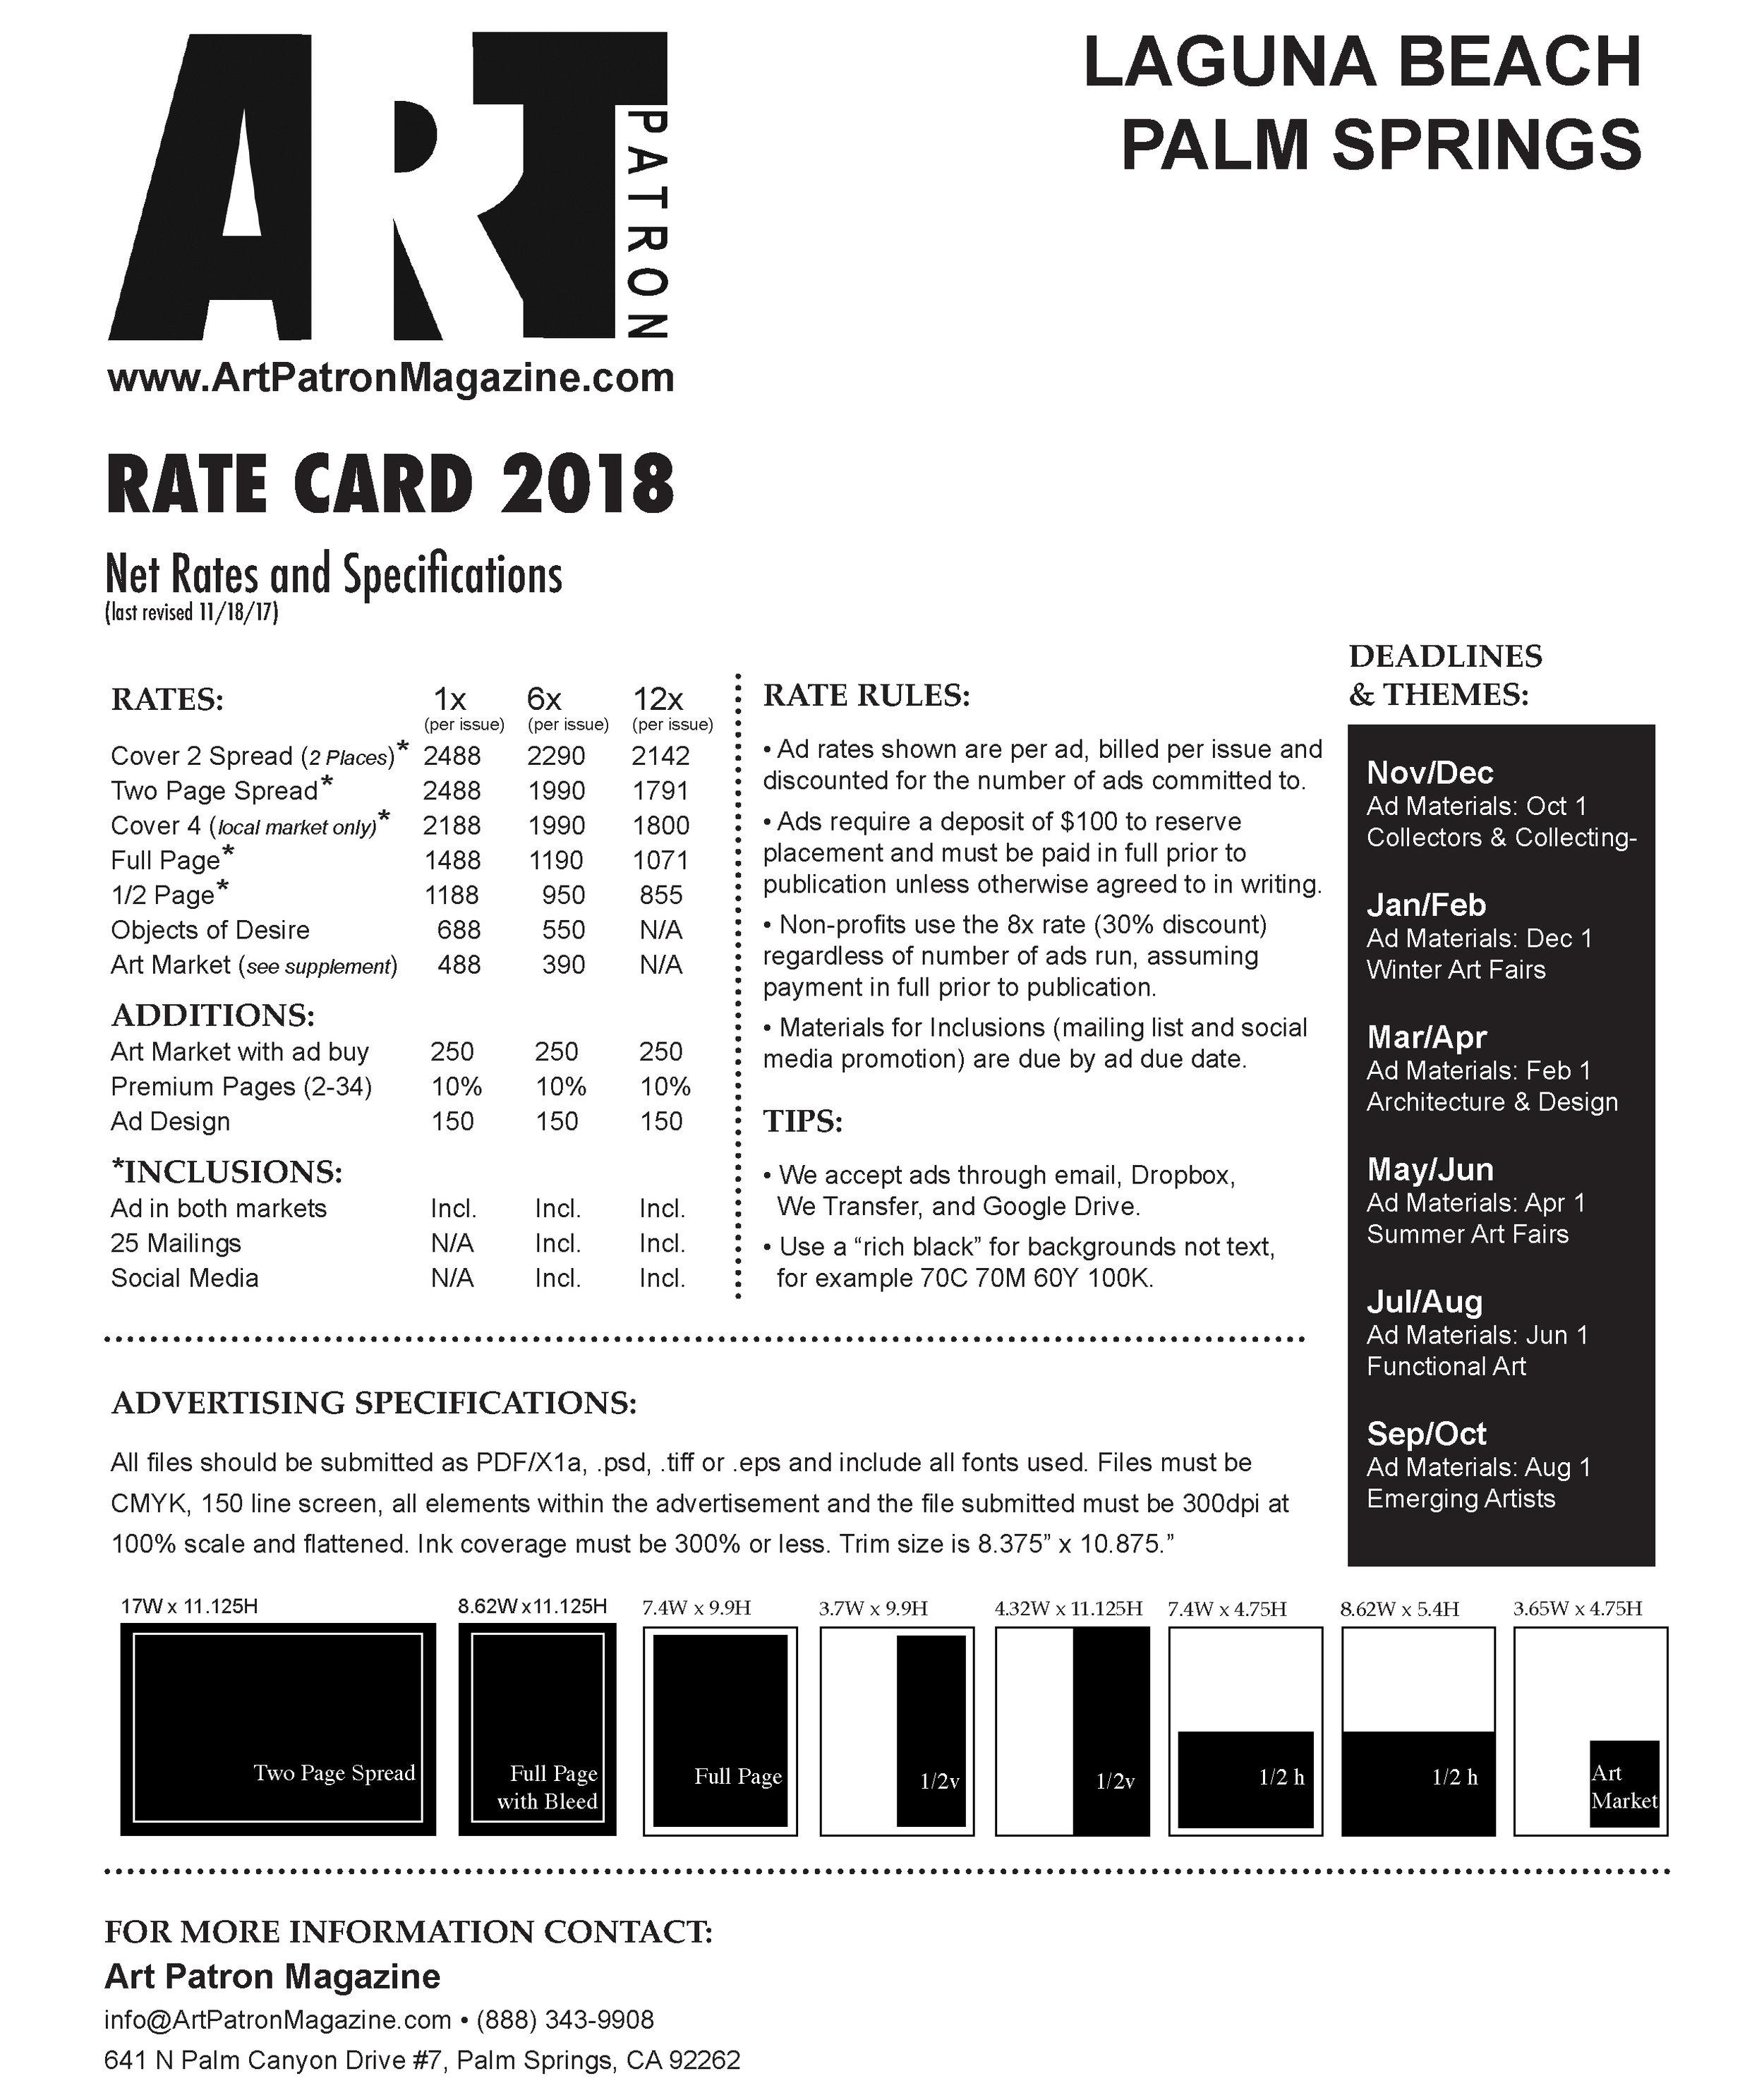 AP 6x Rate Card 2018 .jpg